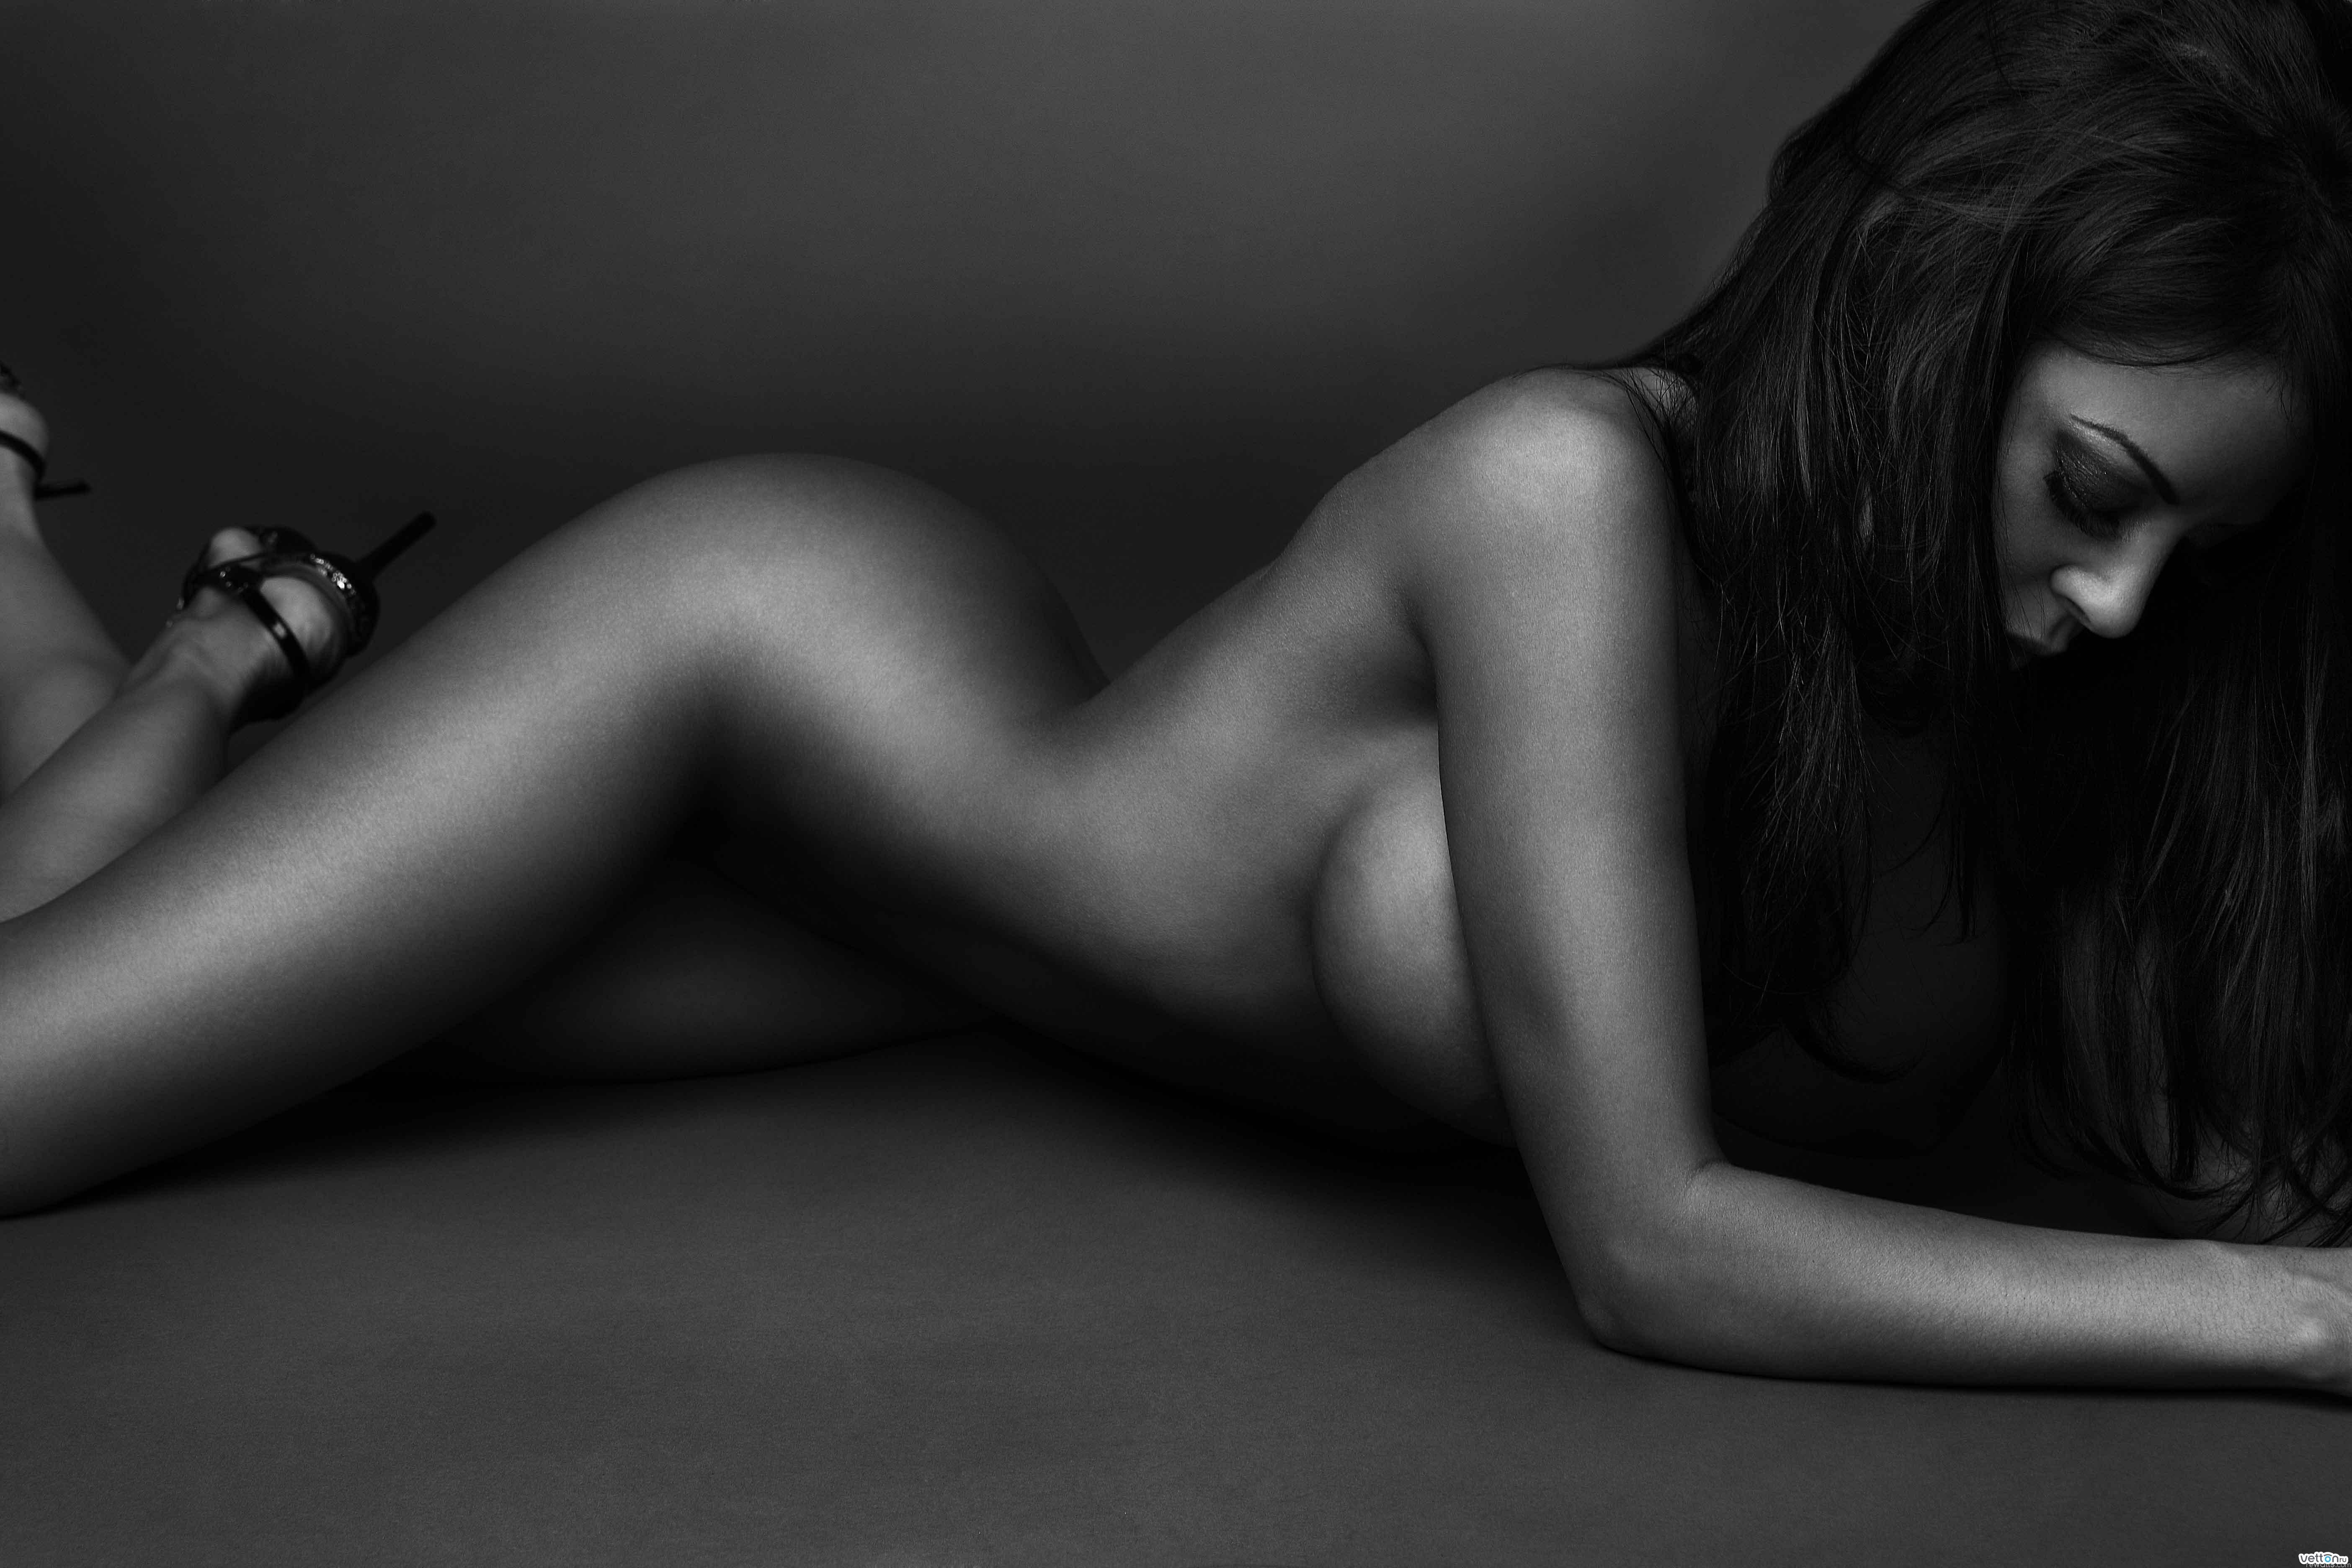 Самая красивая девушка на свете фото голая 19 фотография